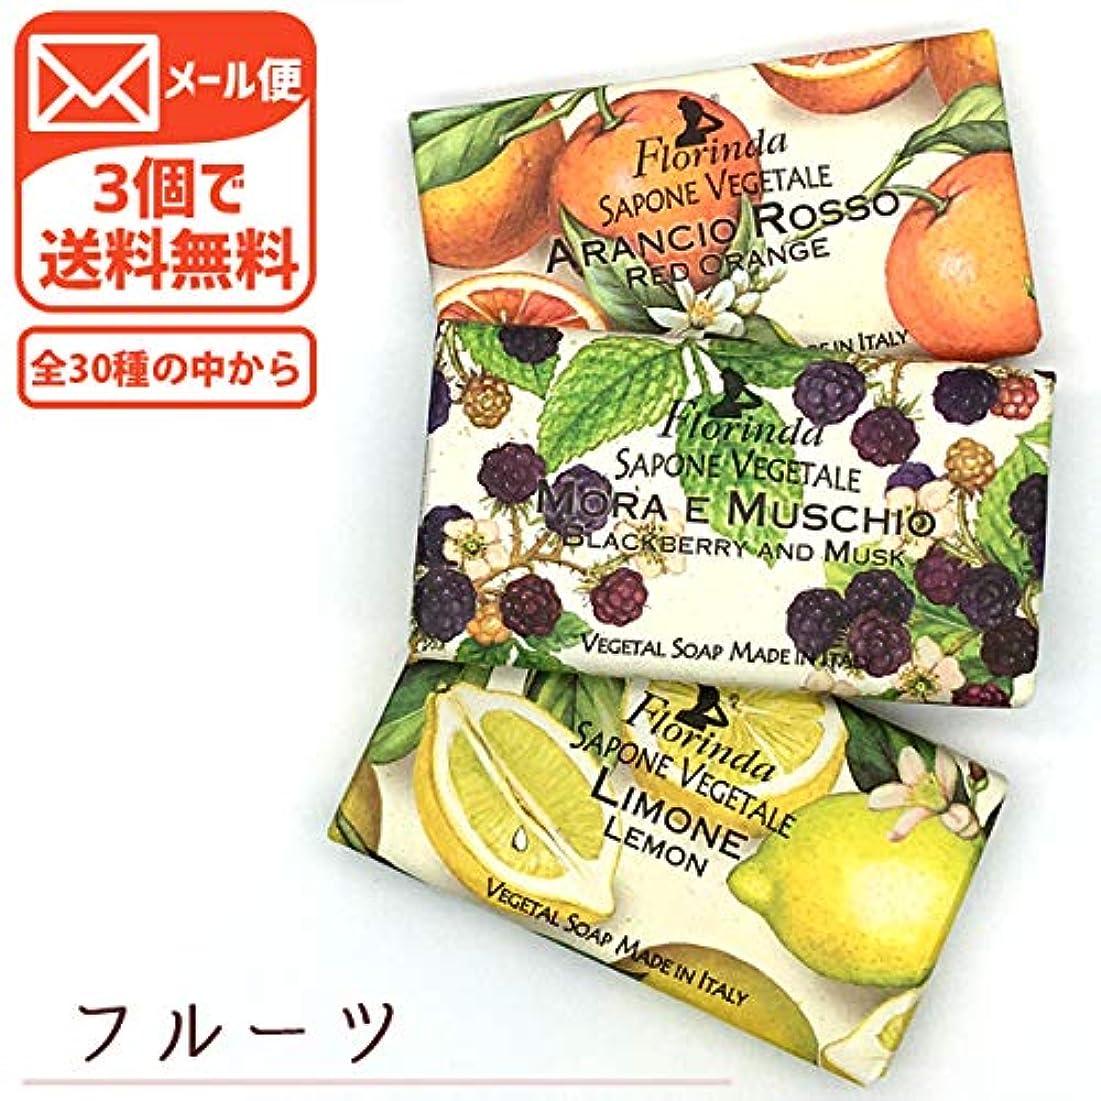 スリチンモイセーブ一時解雇する日本グランド・シャンパーニュ フロリンダ フレグランスソープ フルーツ ホワイトピーチ 石鹸 95g